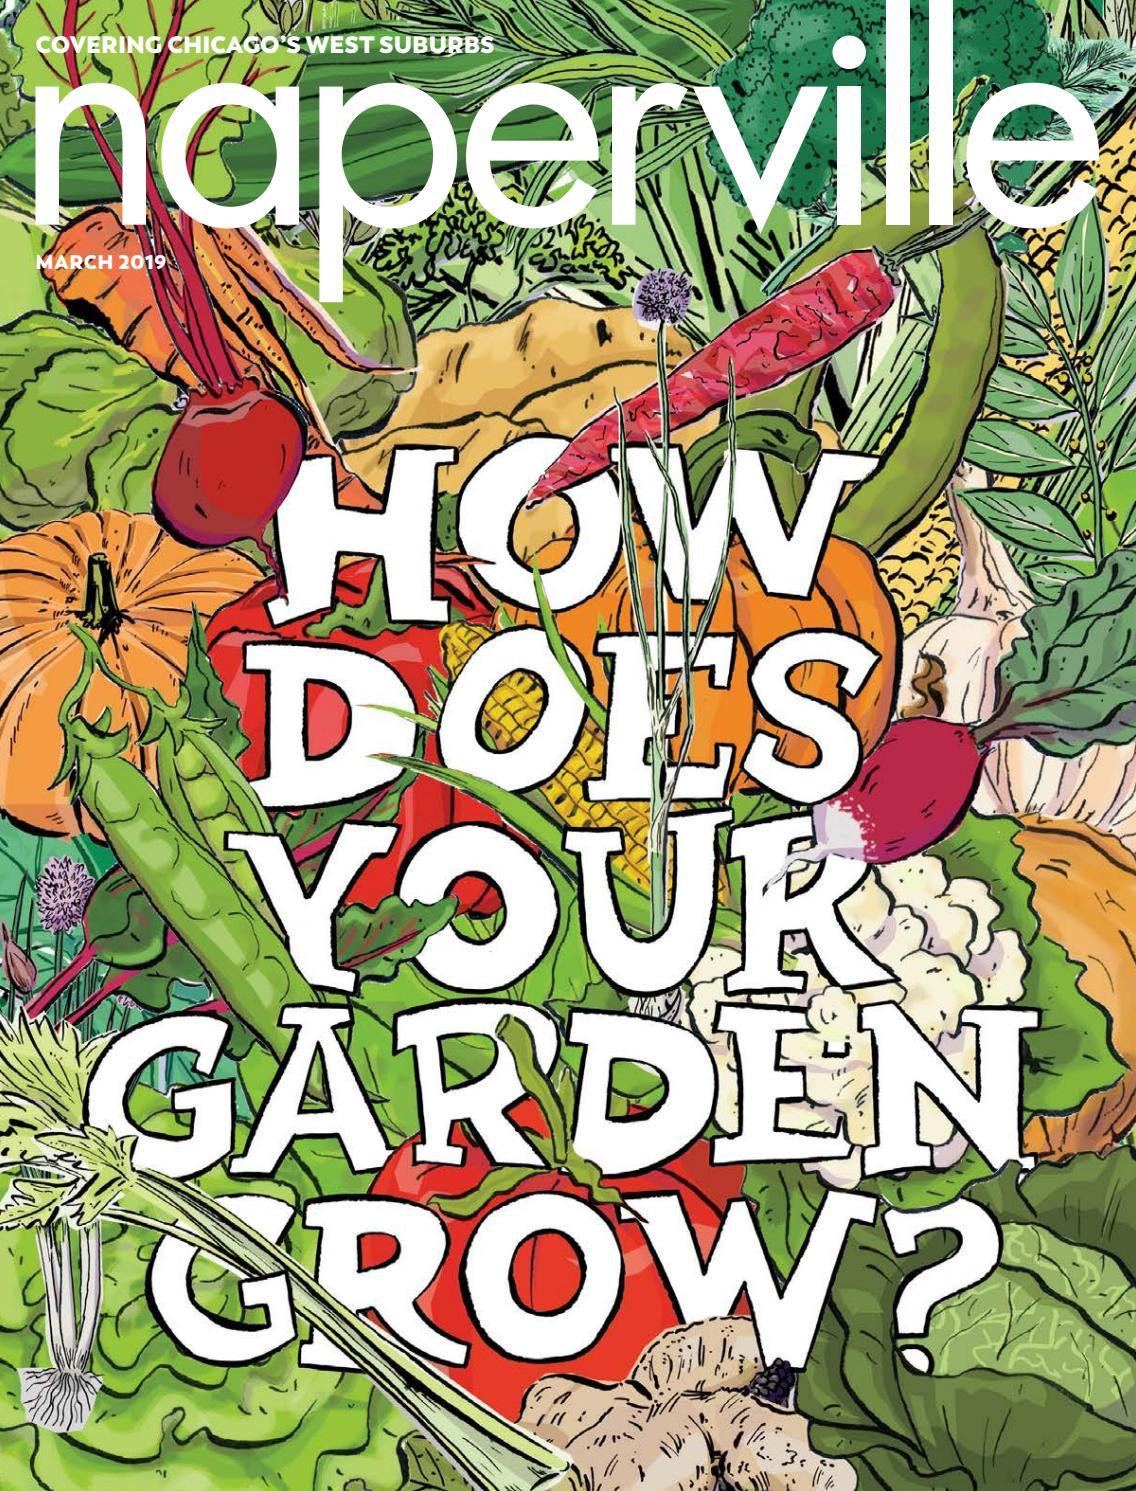 Fine Graphic Art Home Wall Design Decor Nature Poster 1154 Country scene